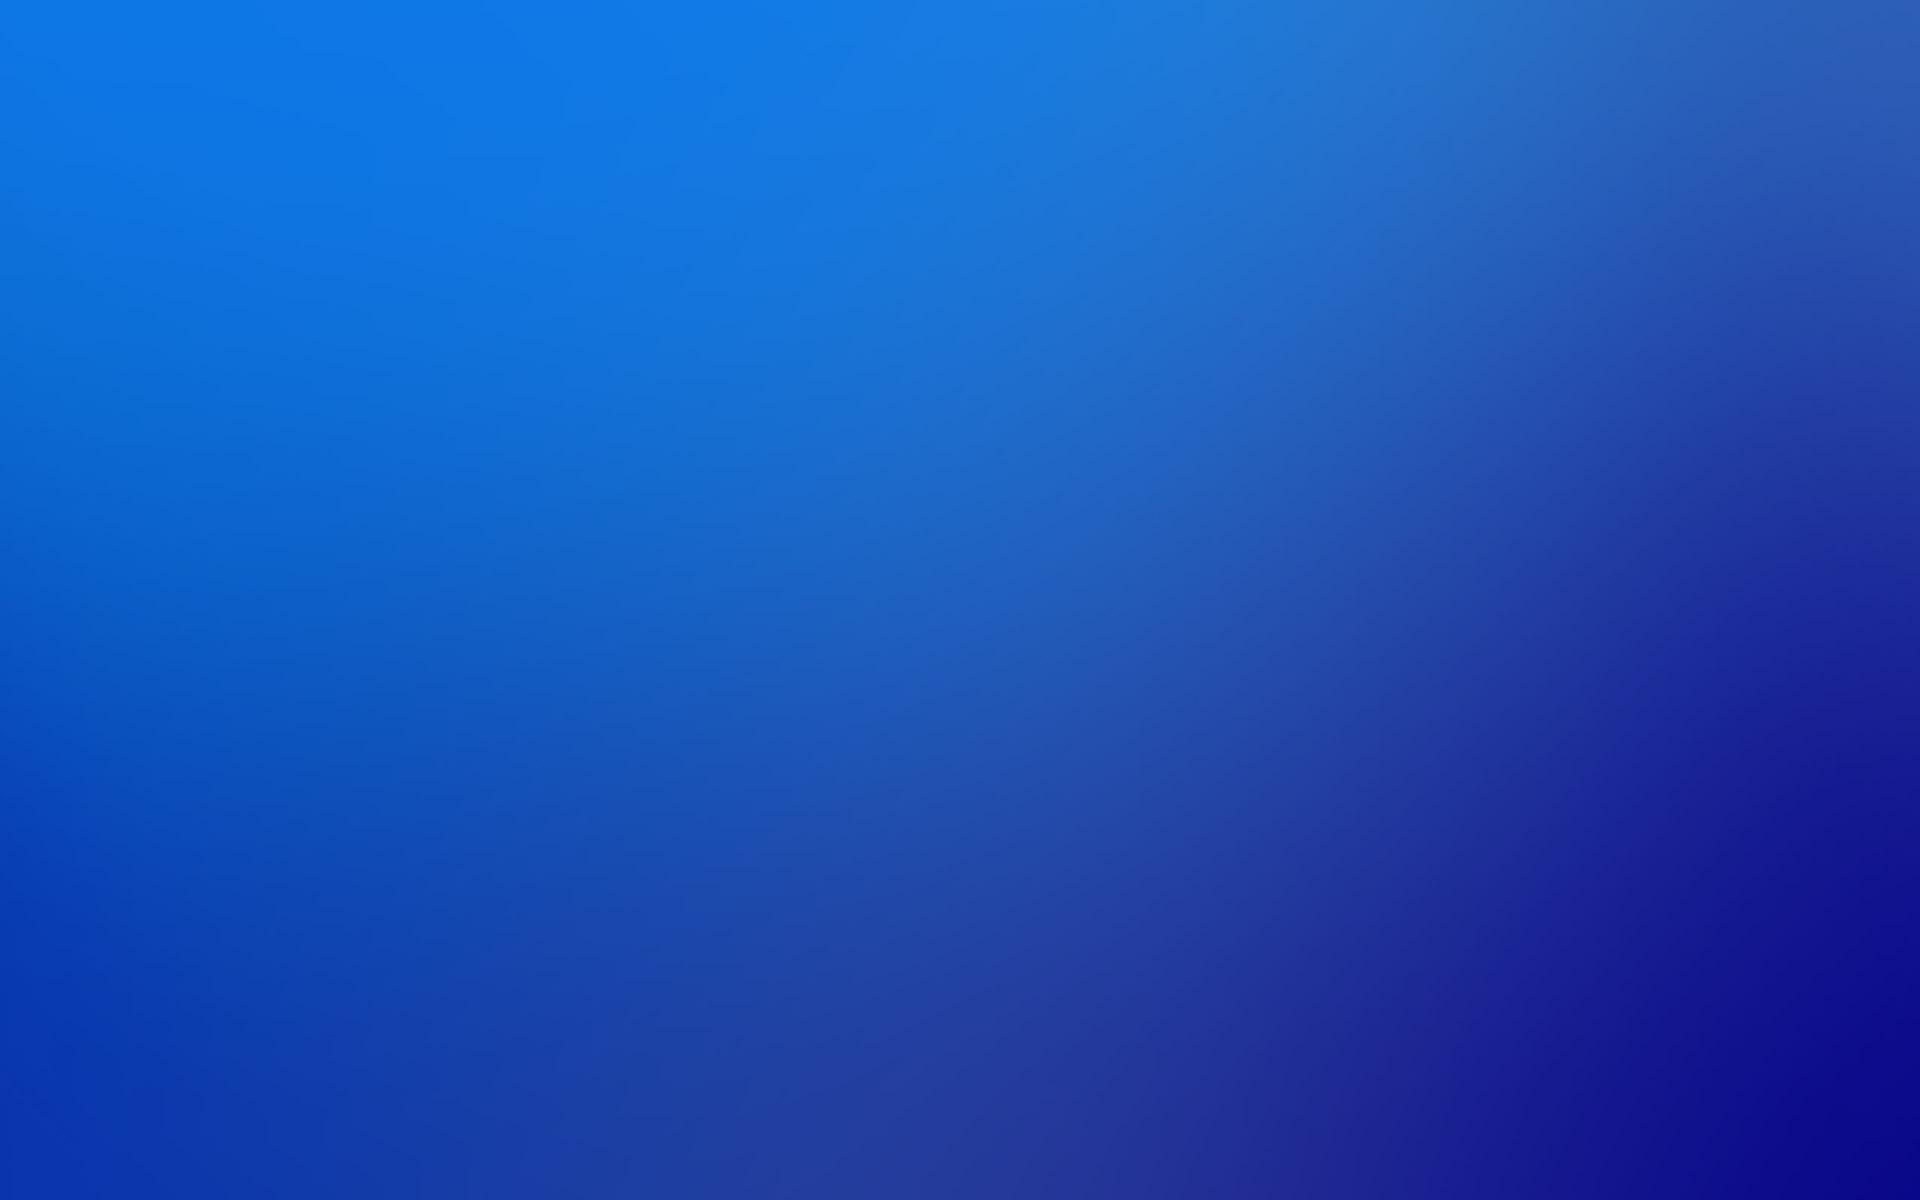 Degradados Azules